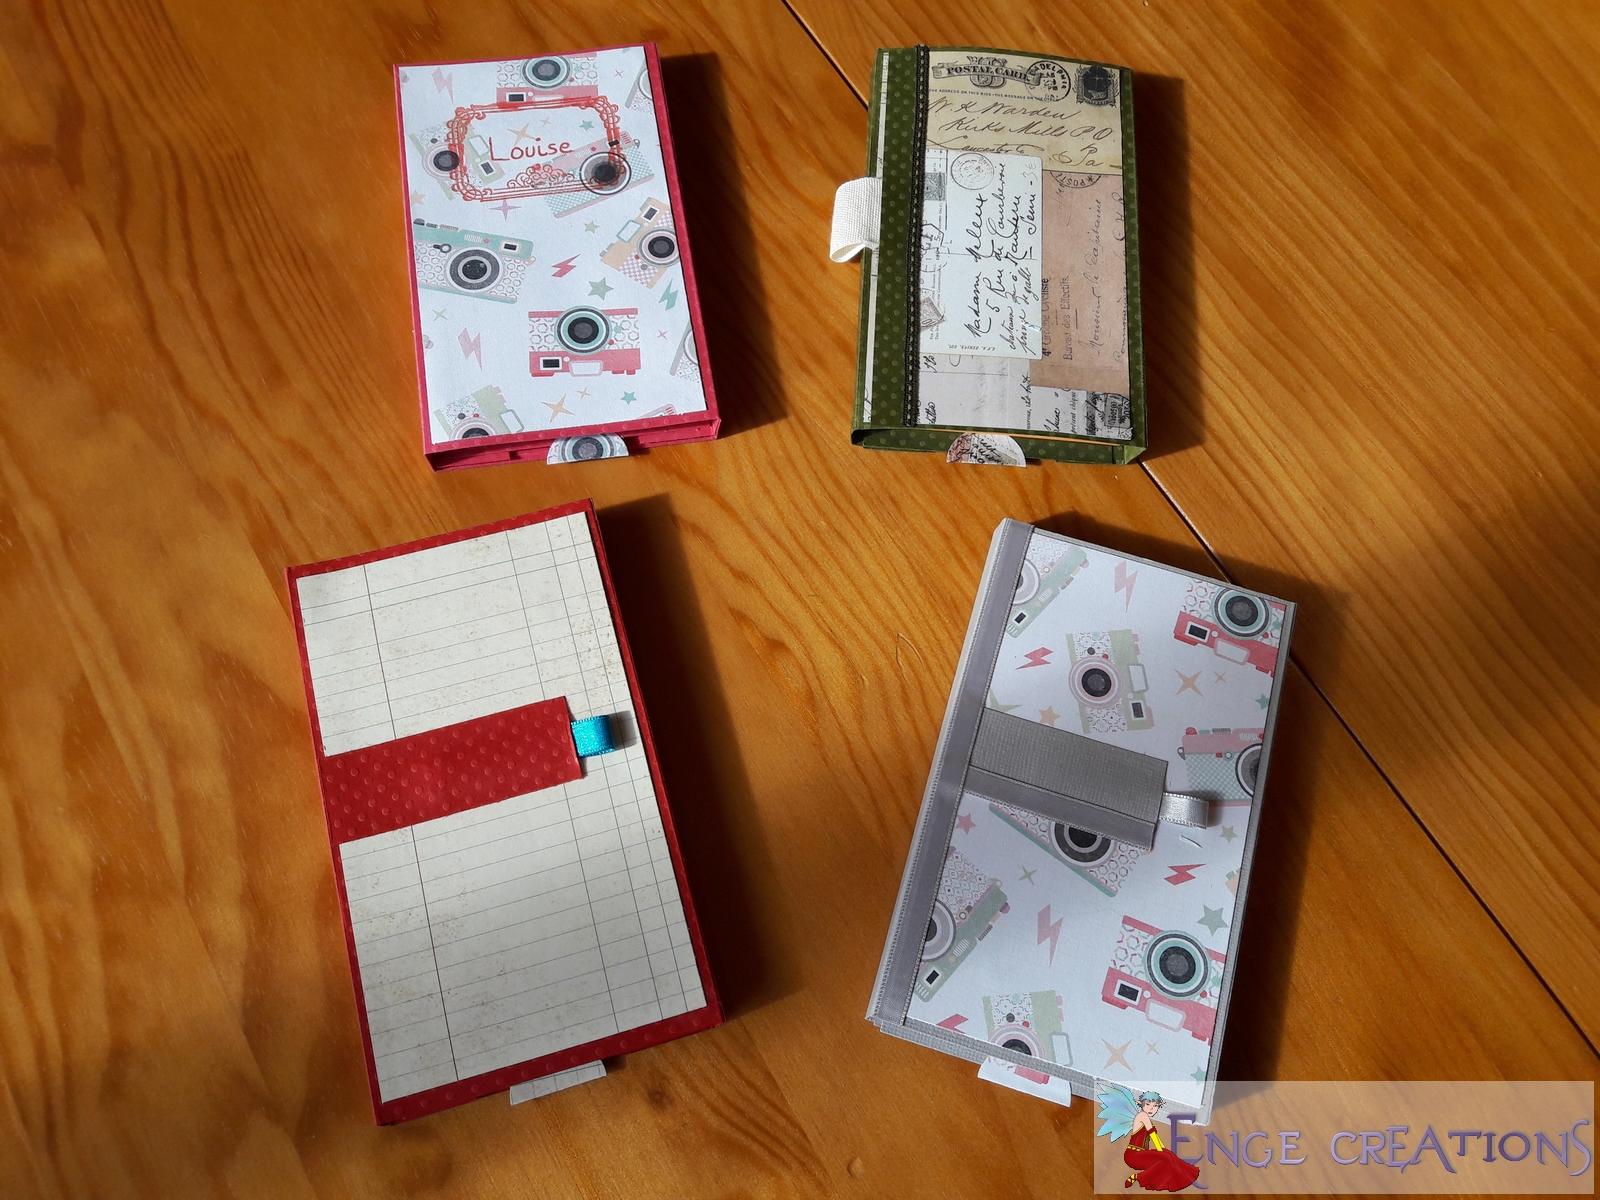 Nos 4 bloc-notes. De gauche à droite en partant du haut : ma 2ème version, celle d'Isabelle, celle de Marie-Pascale et celle de Mini-Enge.